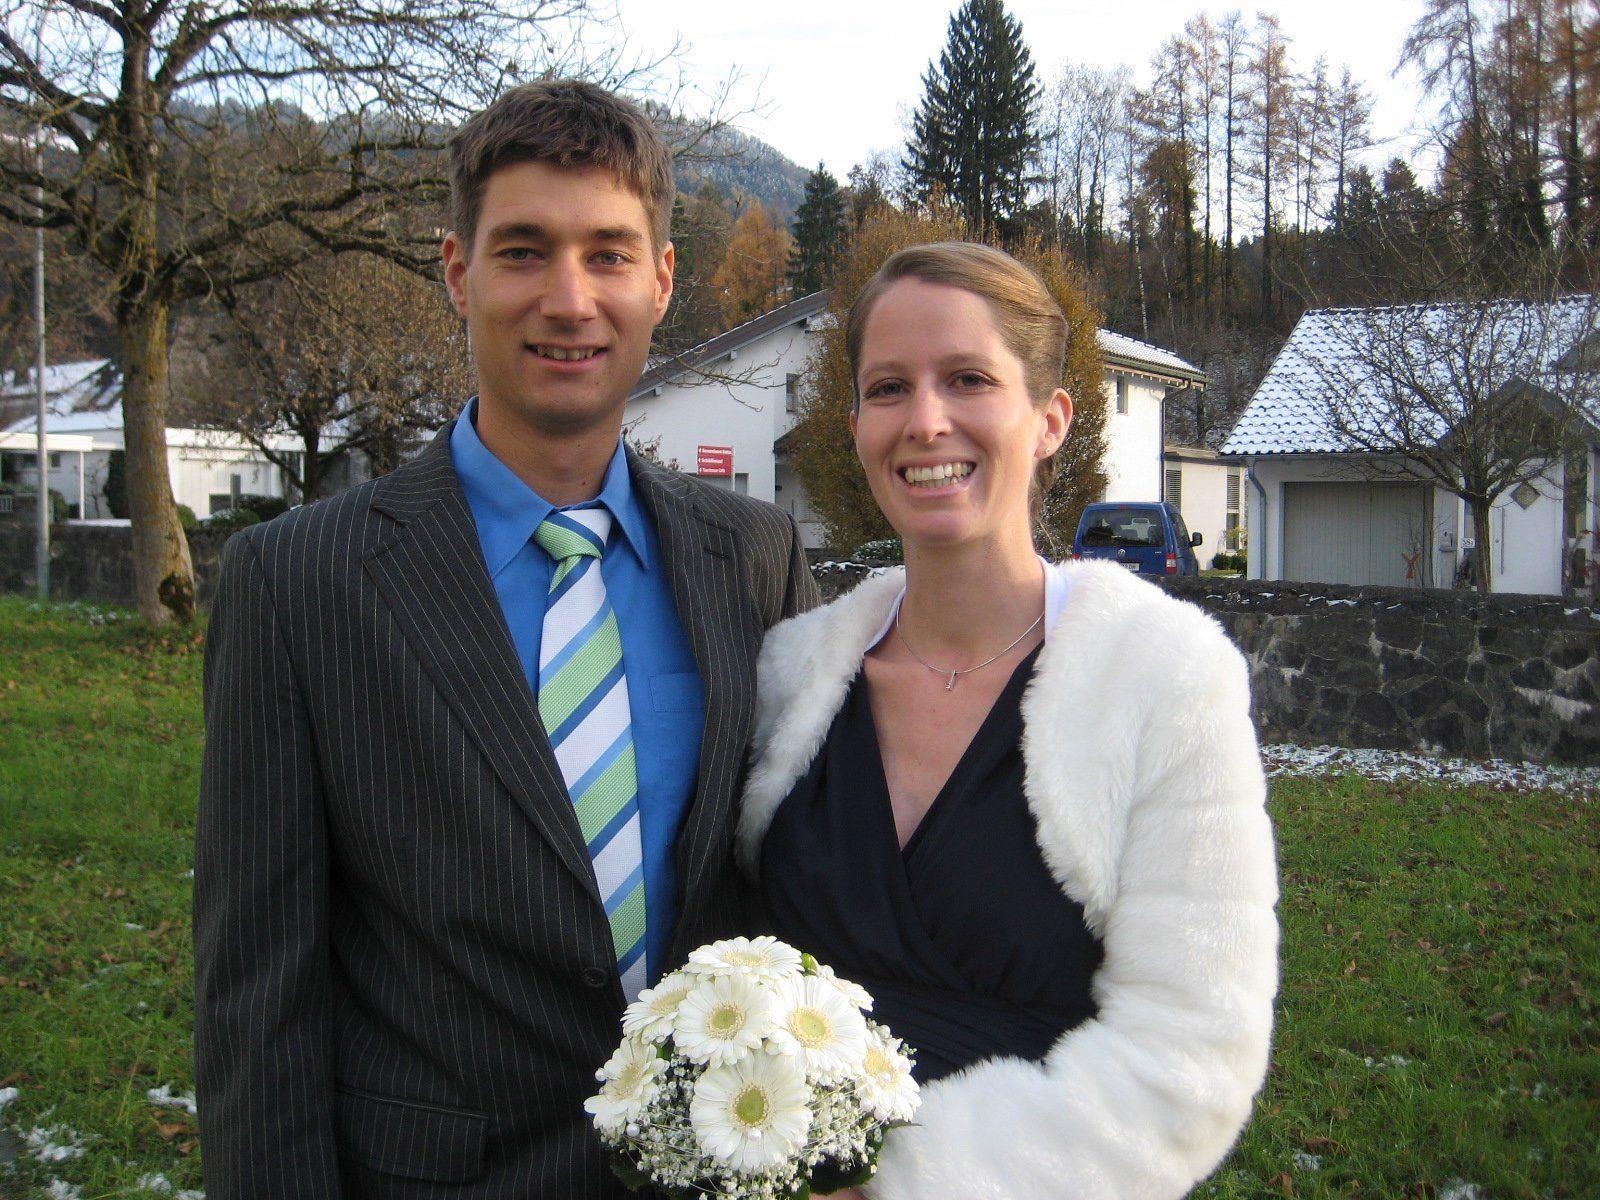 Elisabeth Marte und Alexander Burger haben geheiratet.